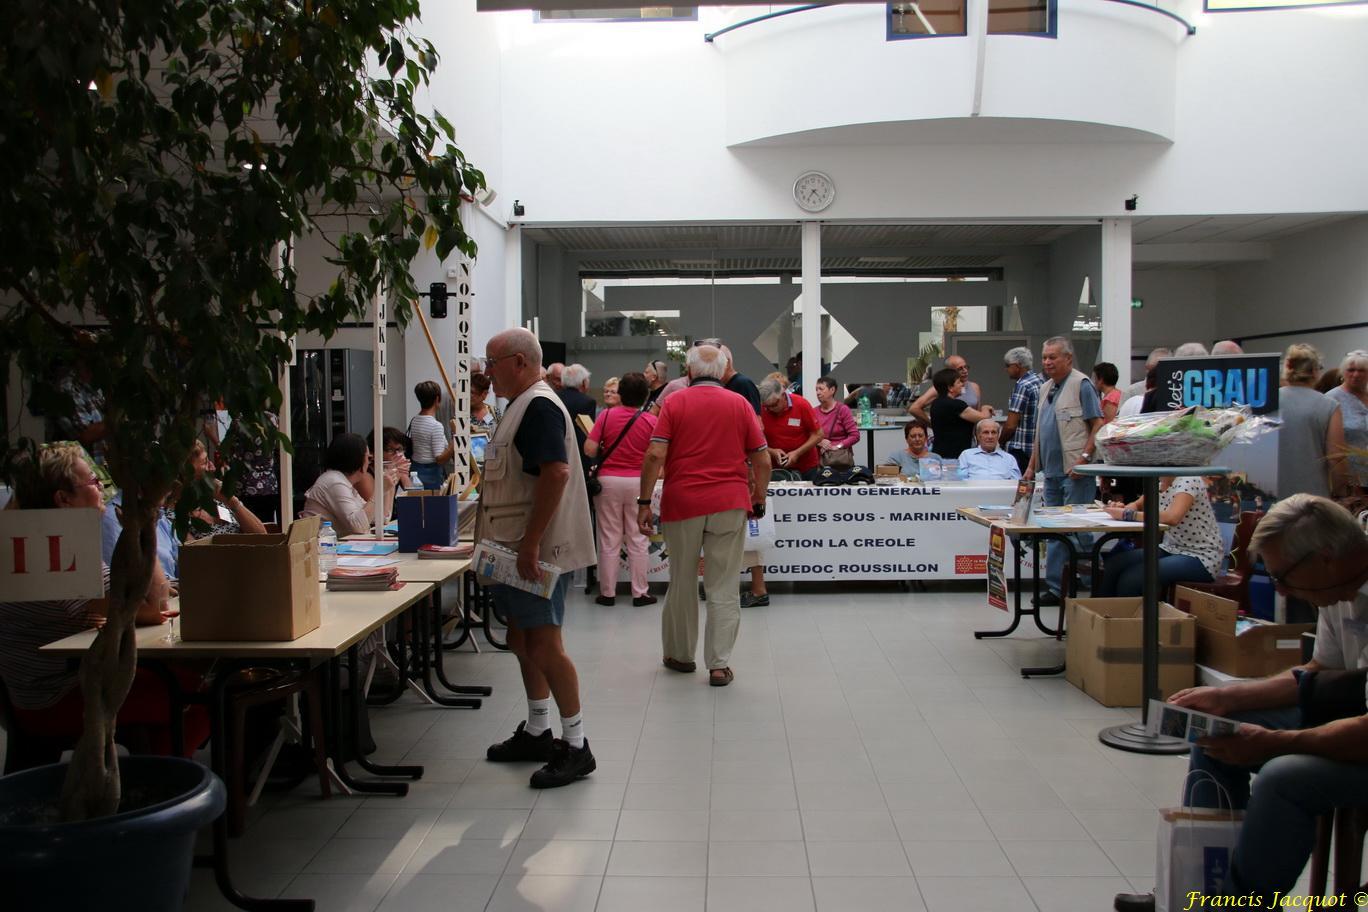 [ Associations anciens Marins ] 65 ème Congrès de l'AGSM 2016 au Grau du Roi 5250053501